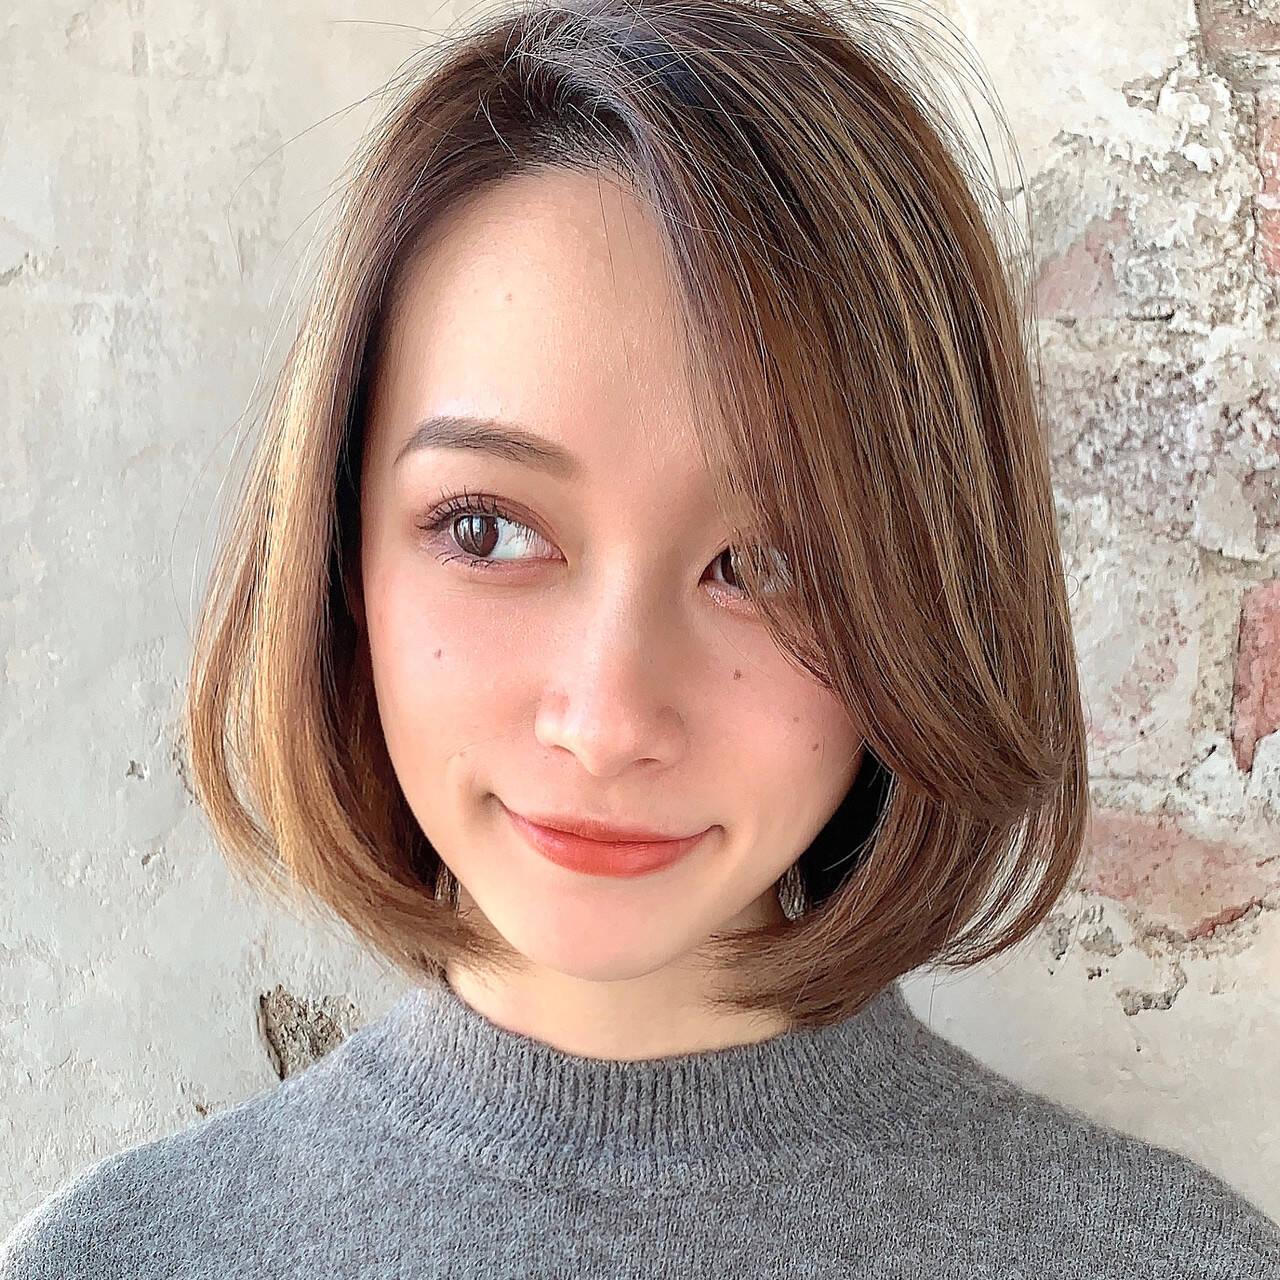 ひし形シルエット エレガント 小顔ヘア ボブヘアスタイルや髪型の写真・画像